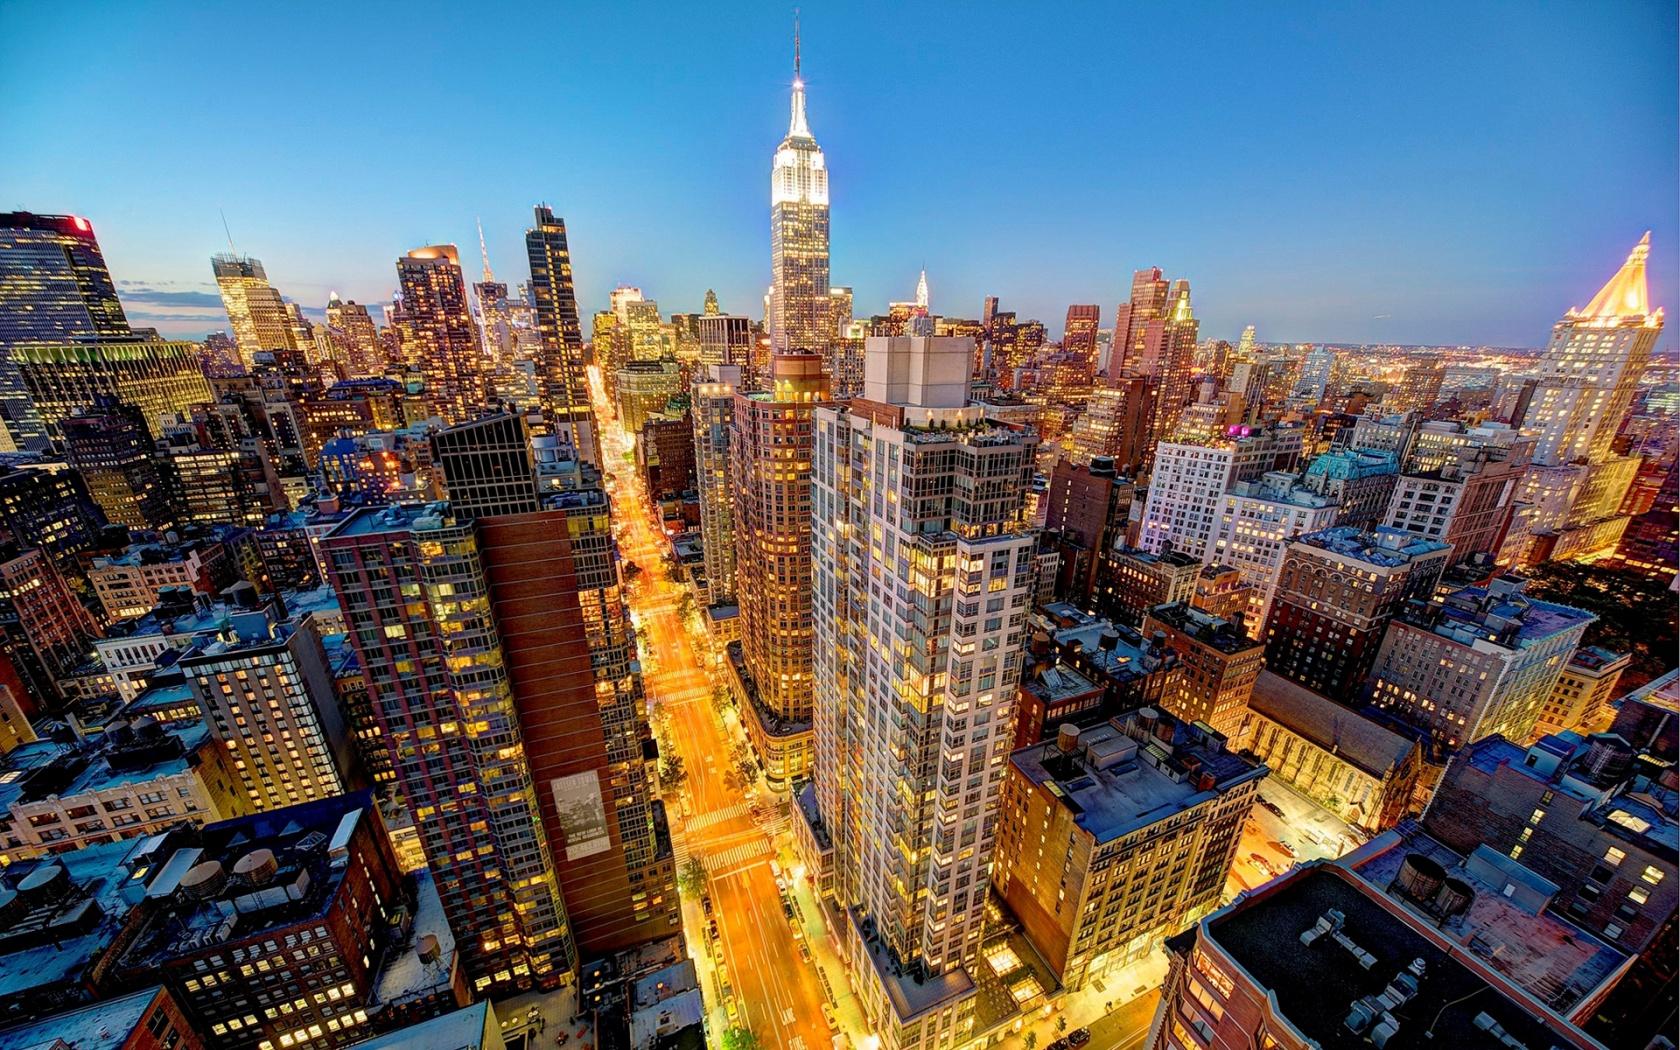 New York City Manhattan latest Wallpaper HD Wallpaper 1680x1050